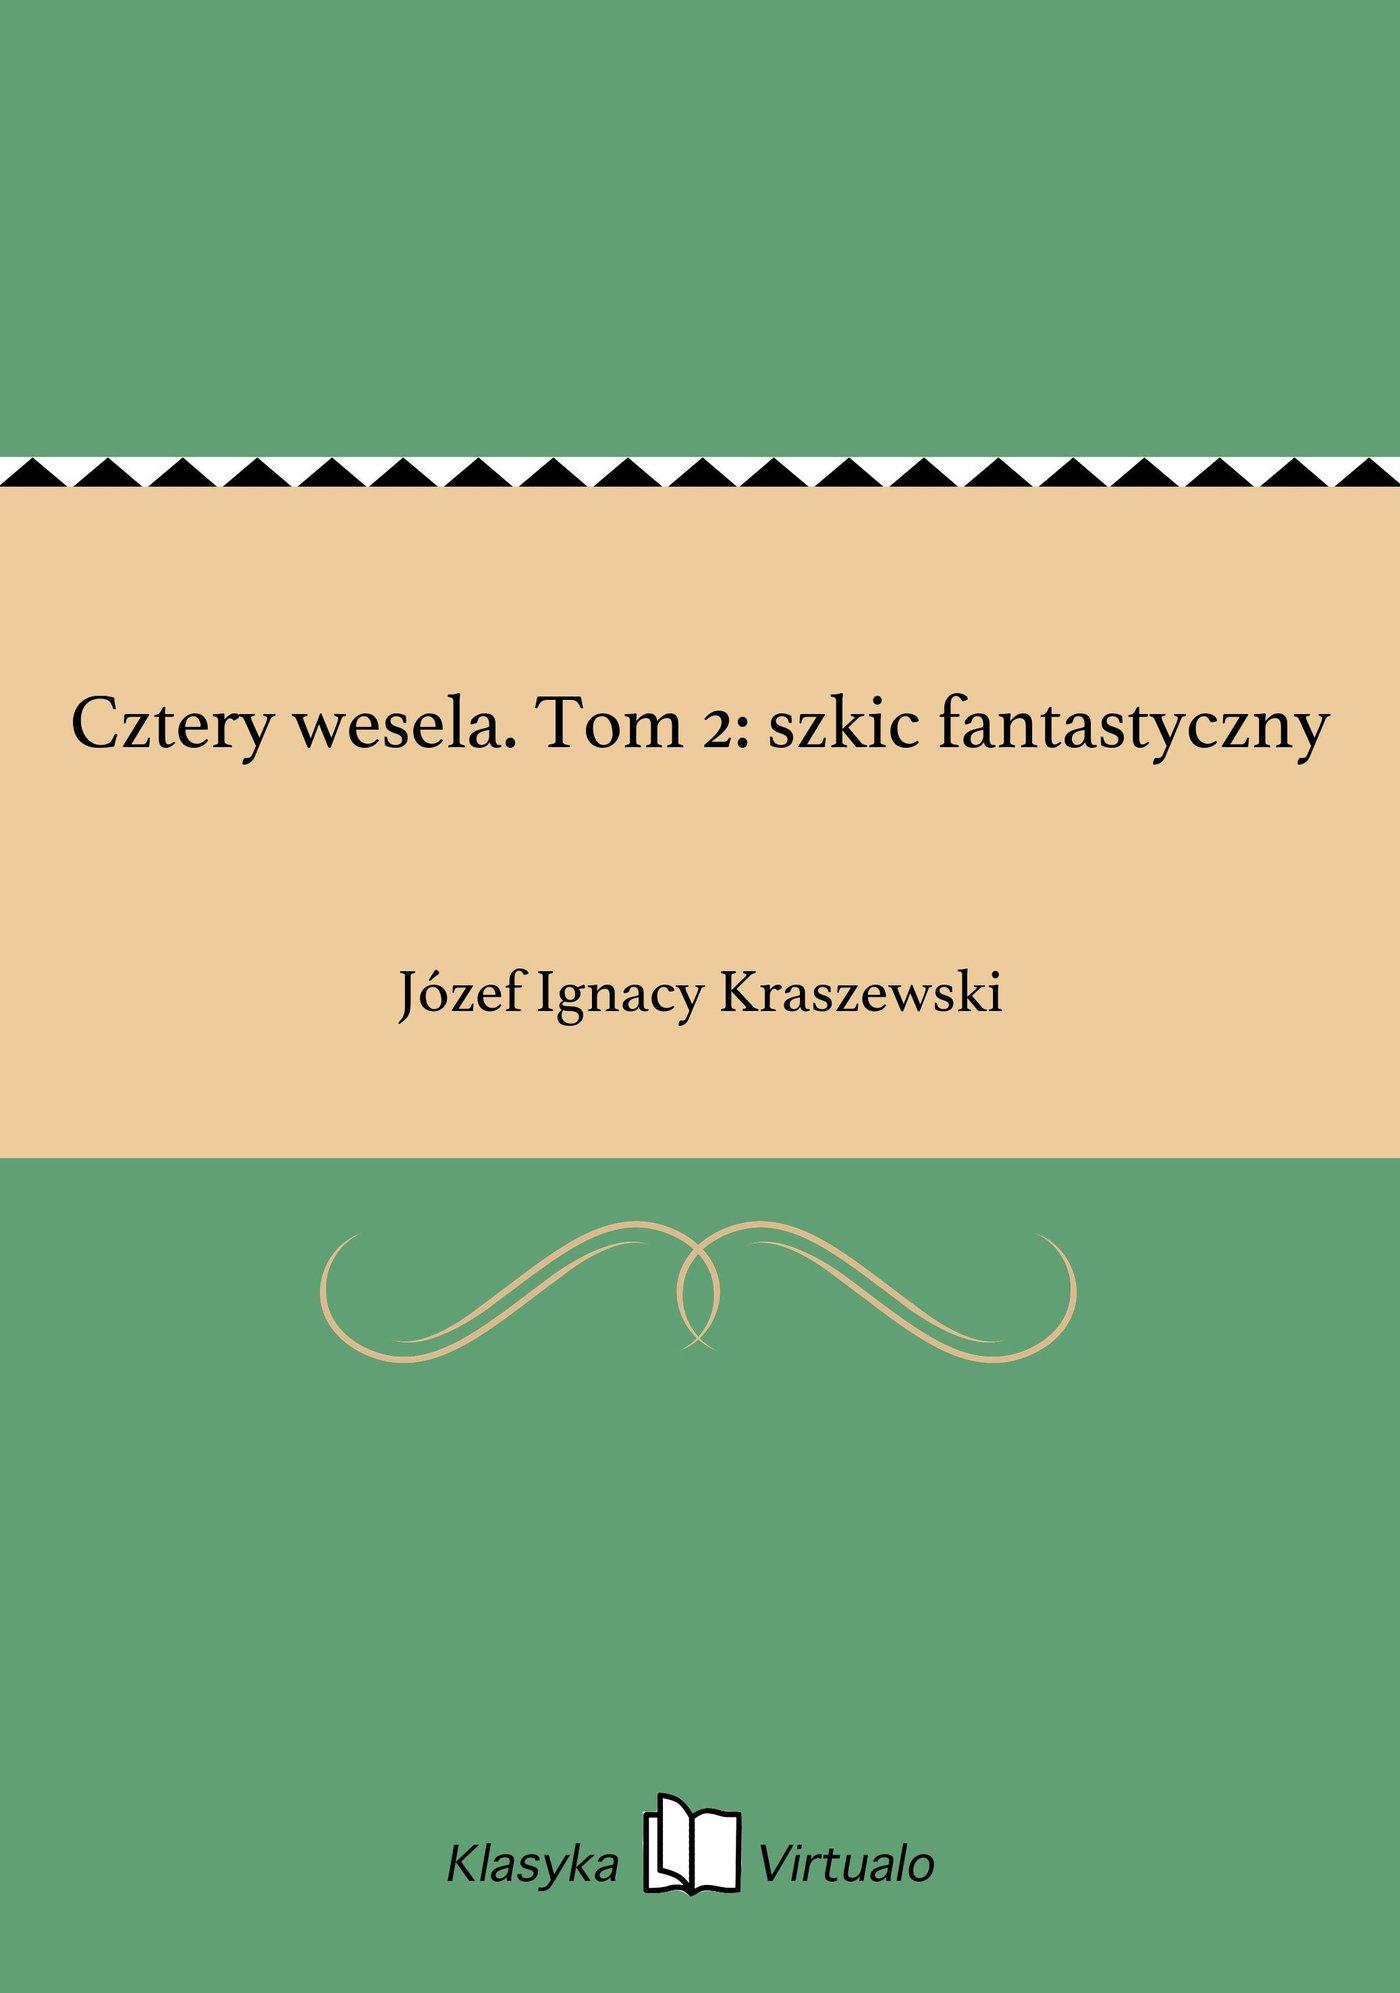 Cztery wesela. Tom 2: szkic fantastyczny - Ebook (Książka na Kindle) do pobrania w formacie MOBI